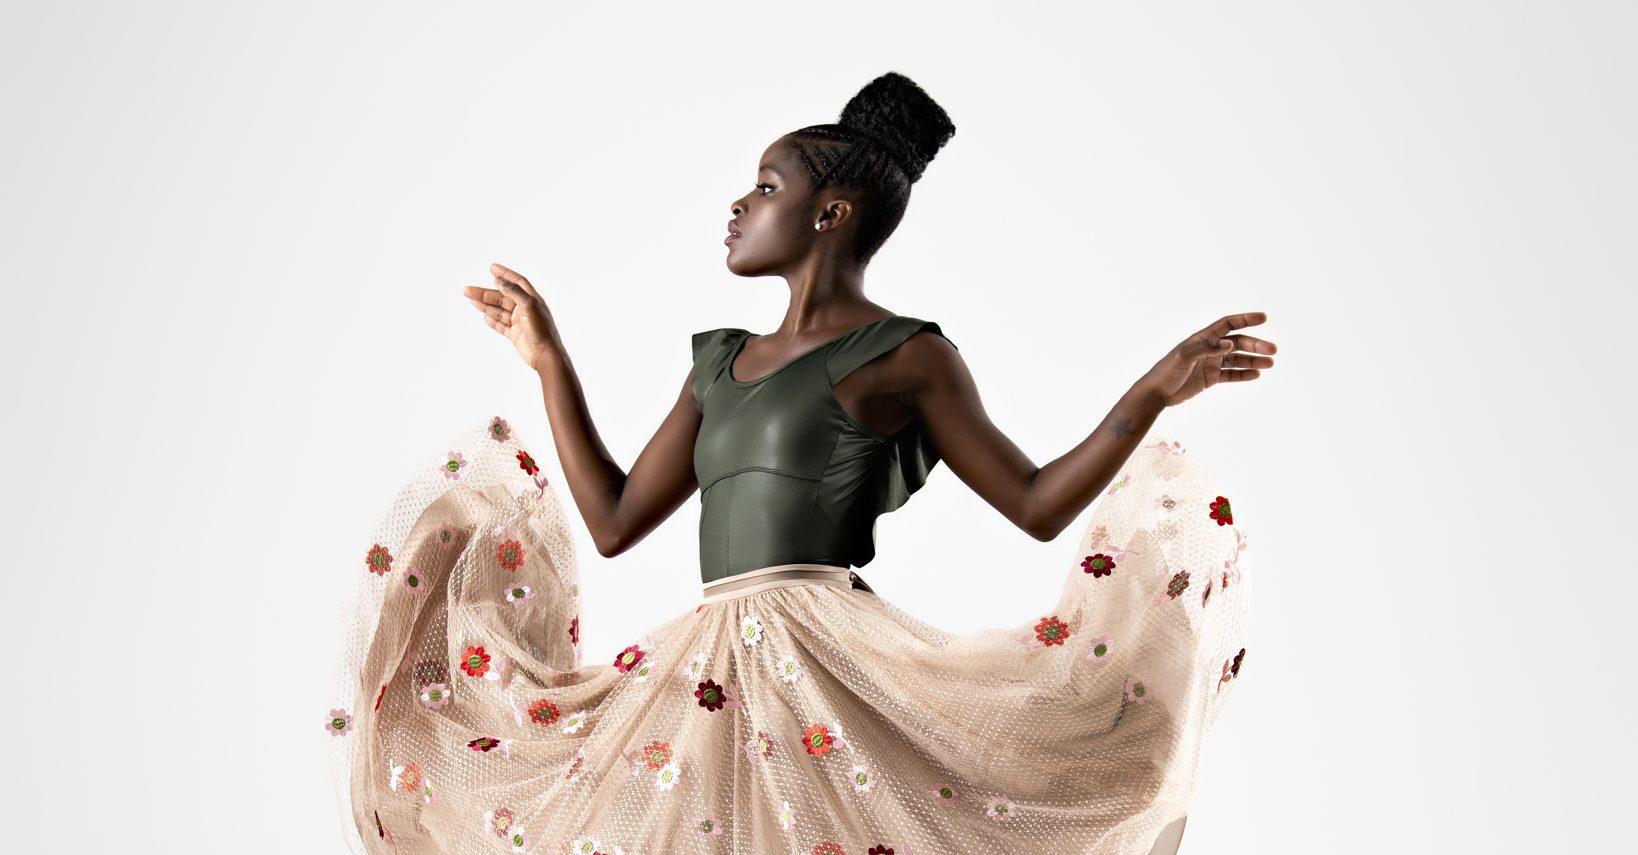 """""""Estar no palco é a minha vida, é o que eu faço de melhor"""", diz Ingrid Silva primeira bailarina do Dance Theatre of Harlem e cria de benfica"""